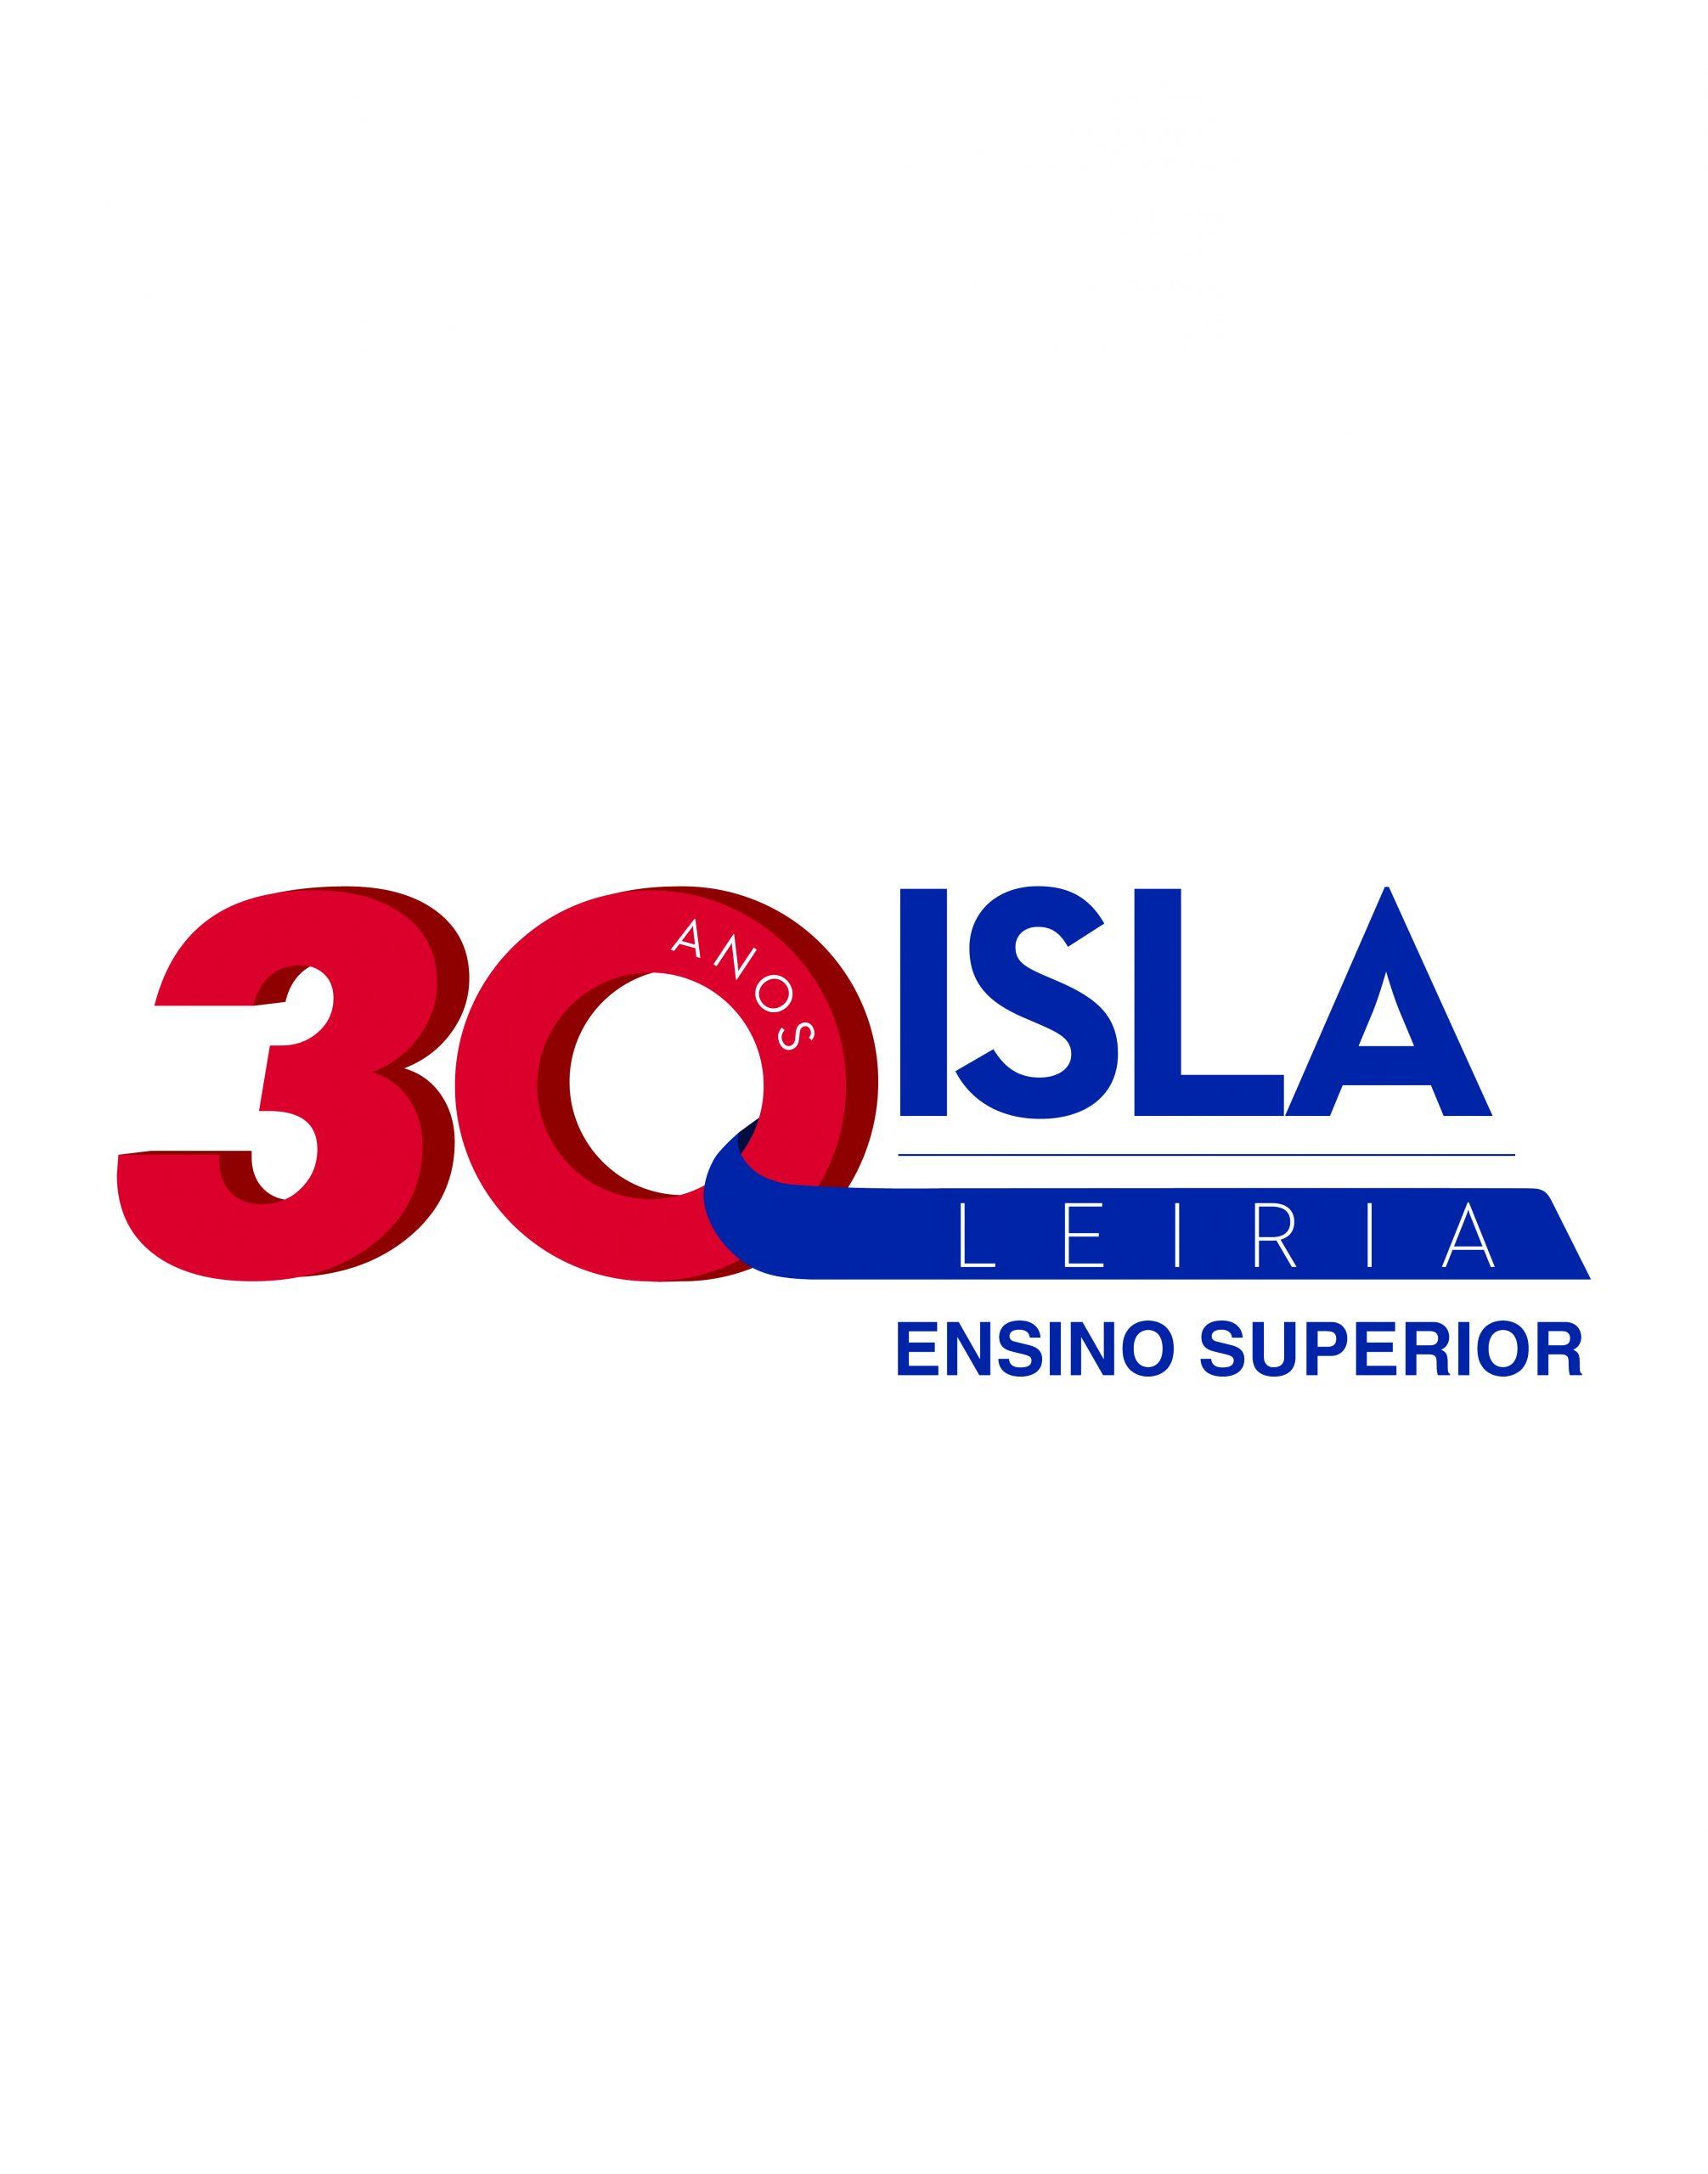 Aniversário 30 anos ISLA Leiria